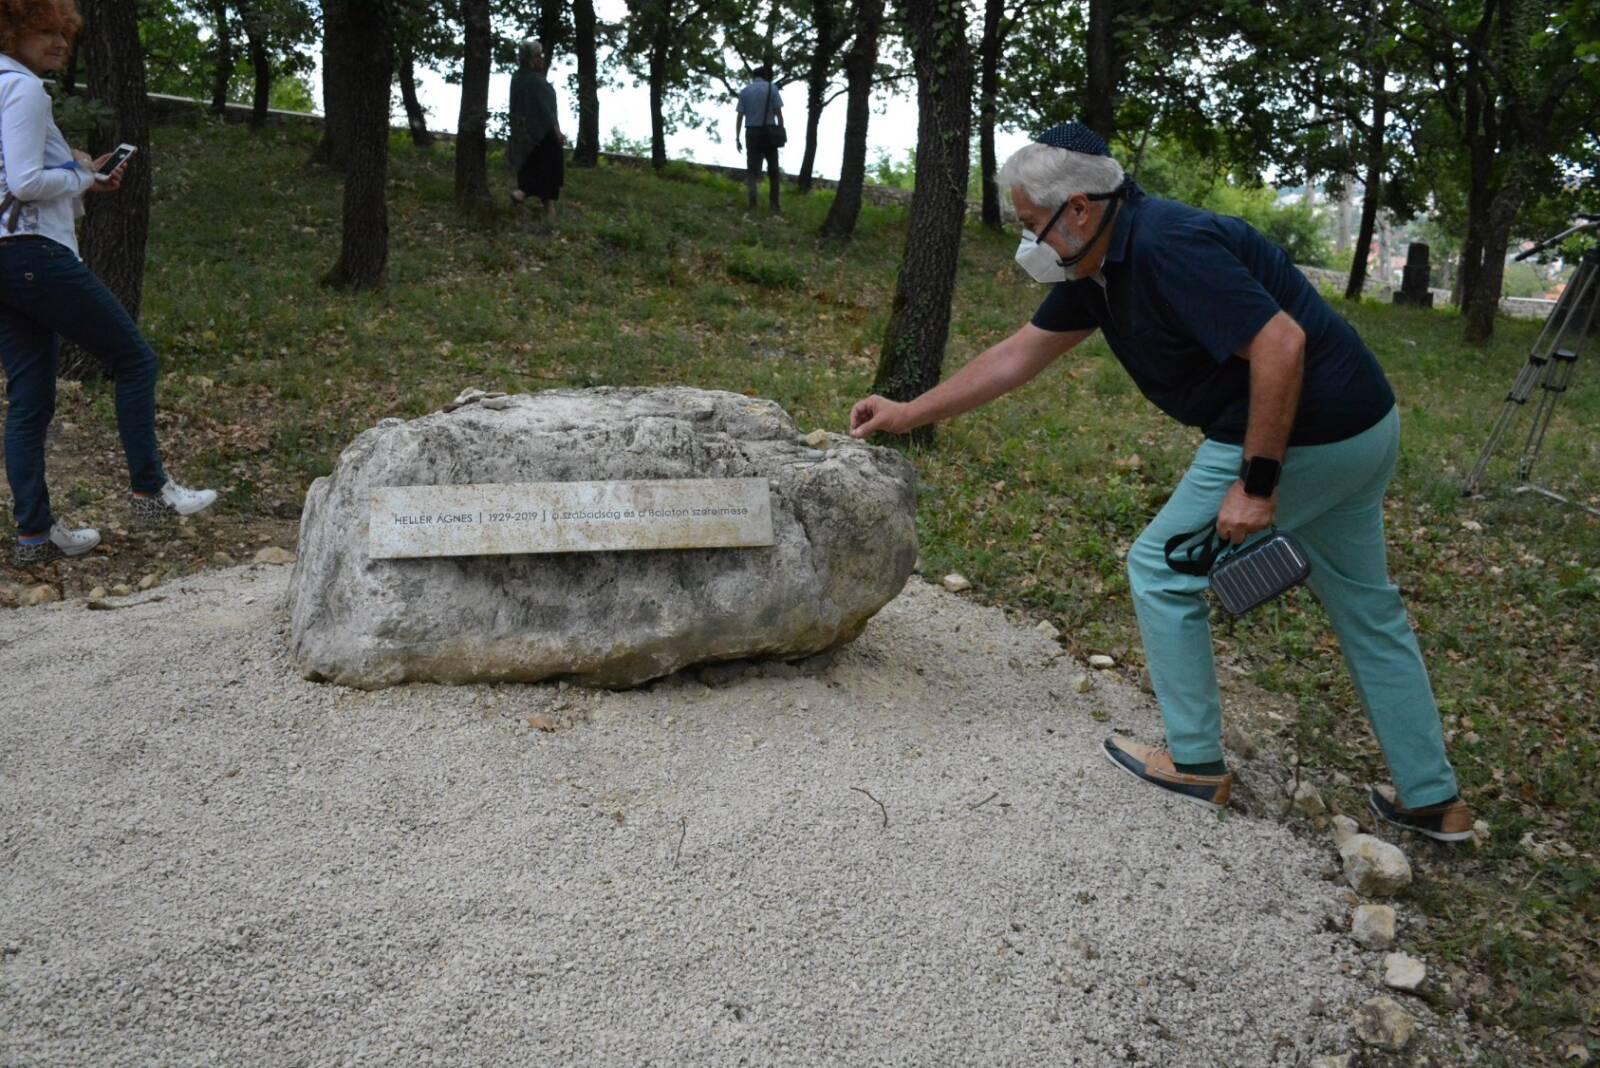 Megnyílt a Heller Ágnesről elnevezett emlékpark Balatonfüreden – Kibic Magazin